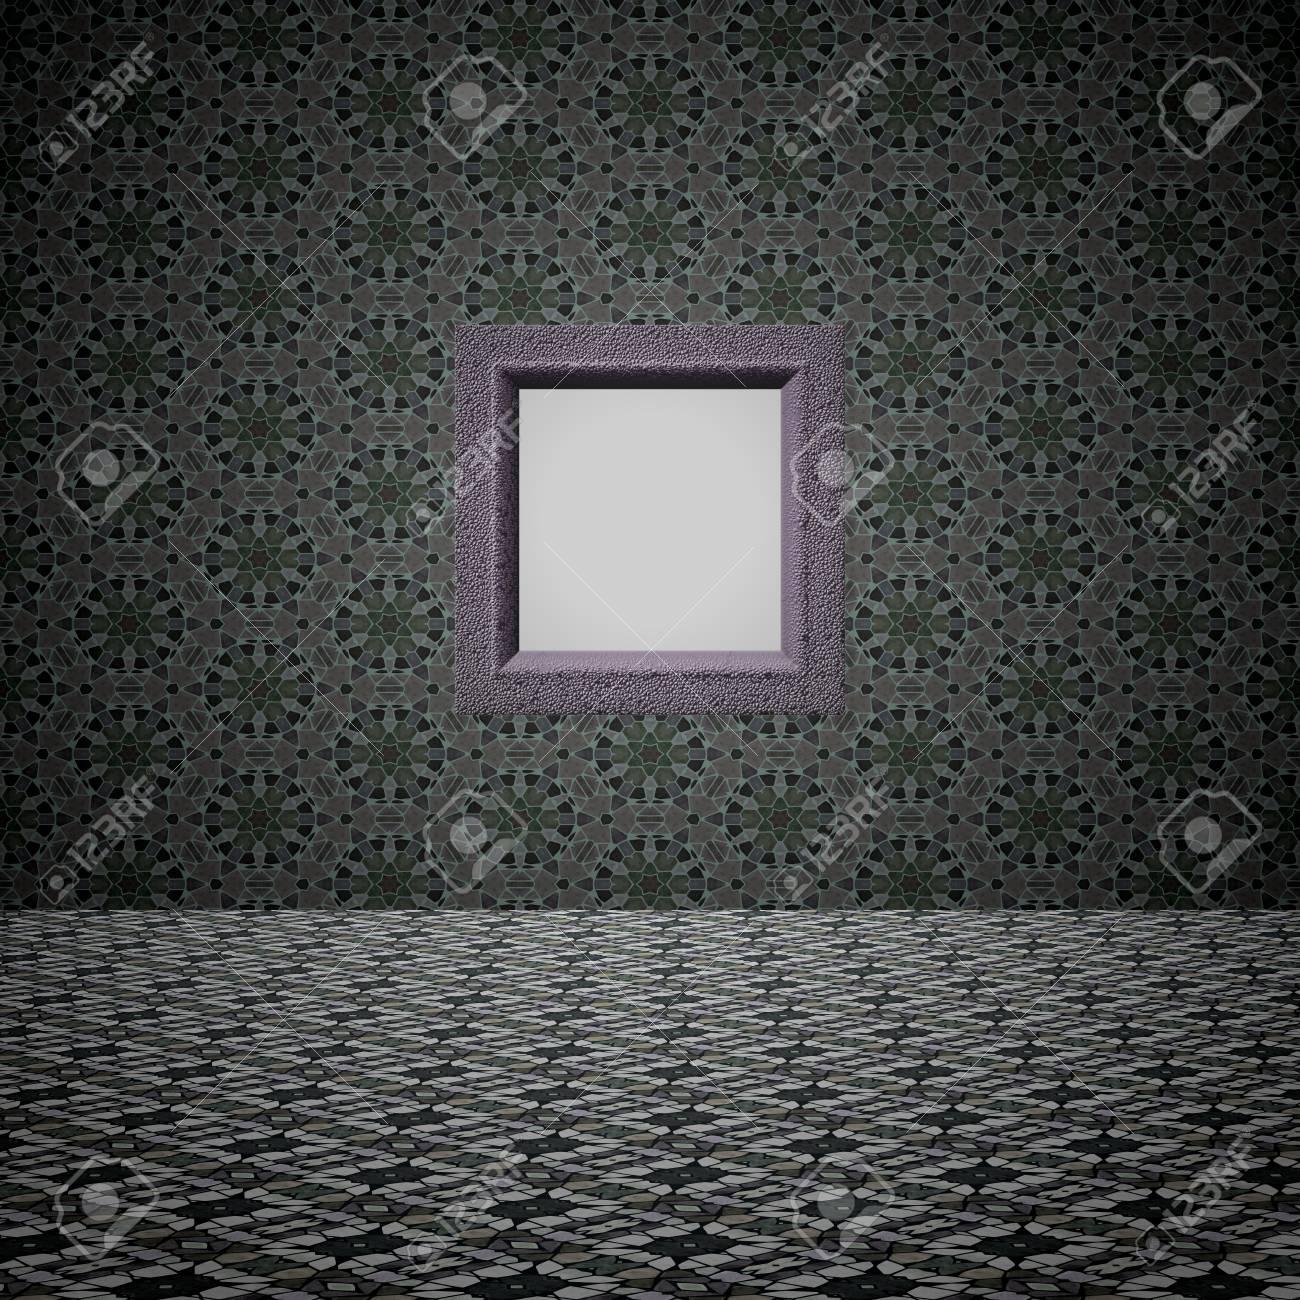 Raster-Hintergrund - Simulierten Raum Mit Fliesenboden Und Die Mit ...